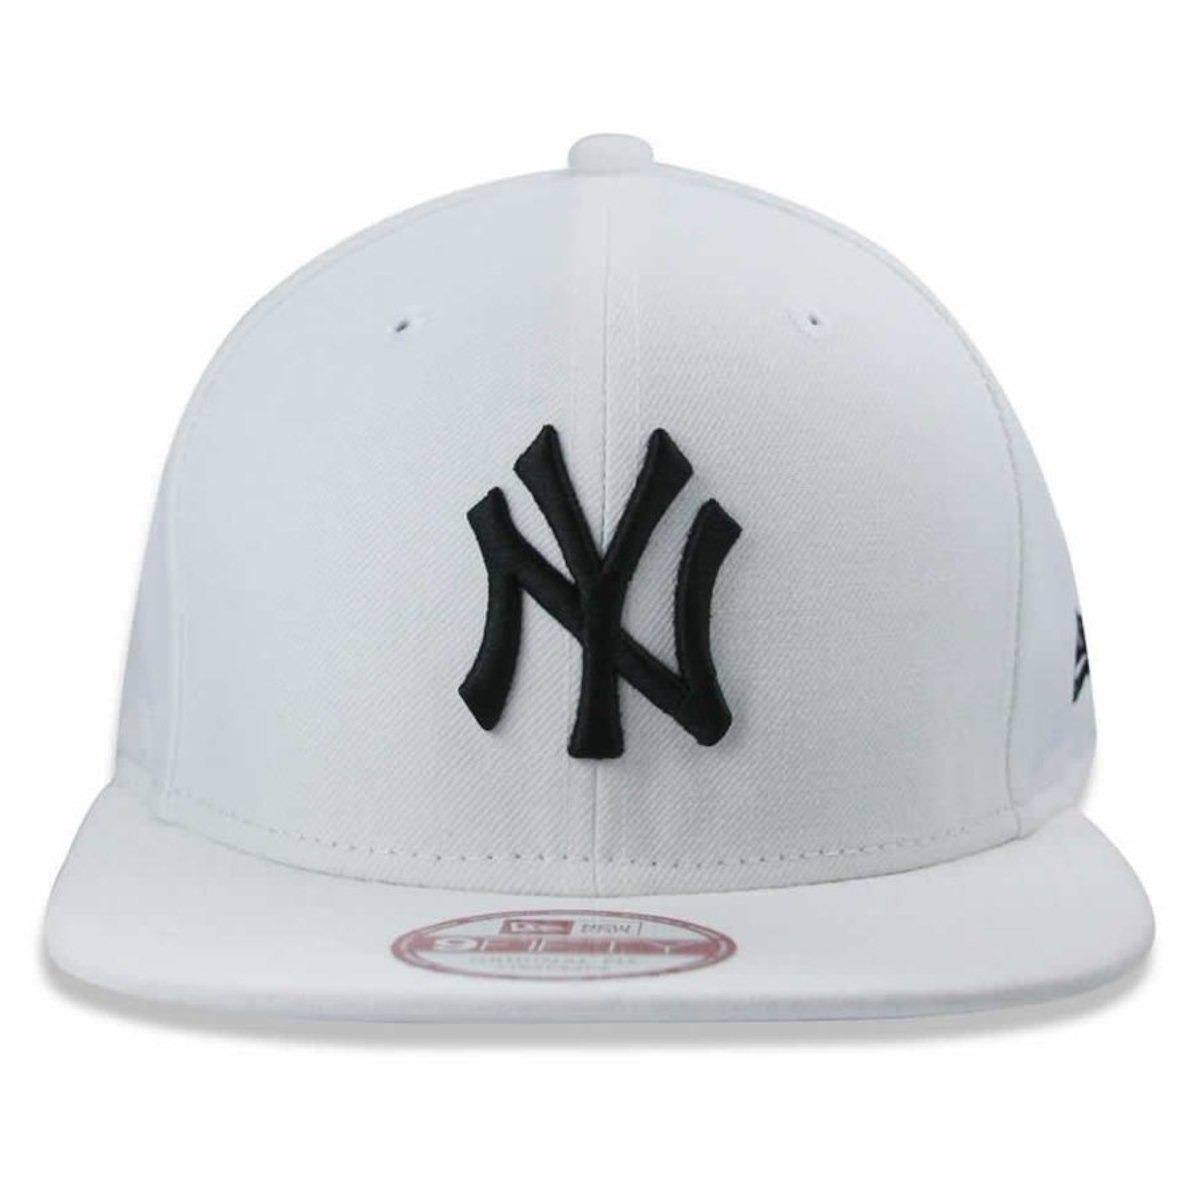 ecc63b0120f36 Bone New Era New York Yankees Branco - R  169